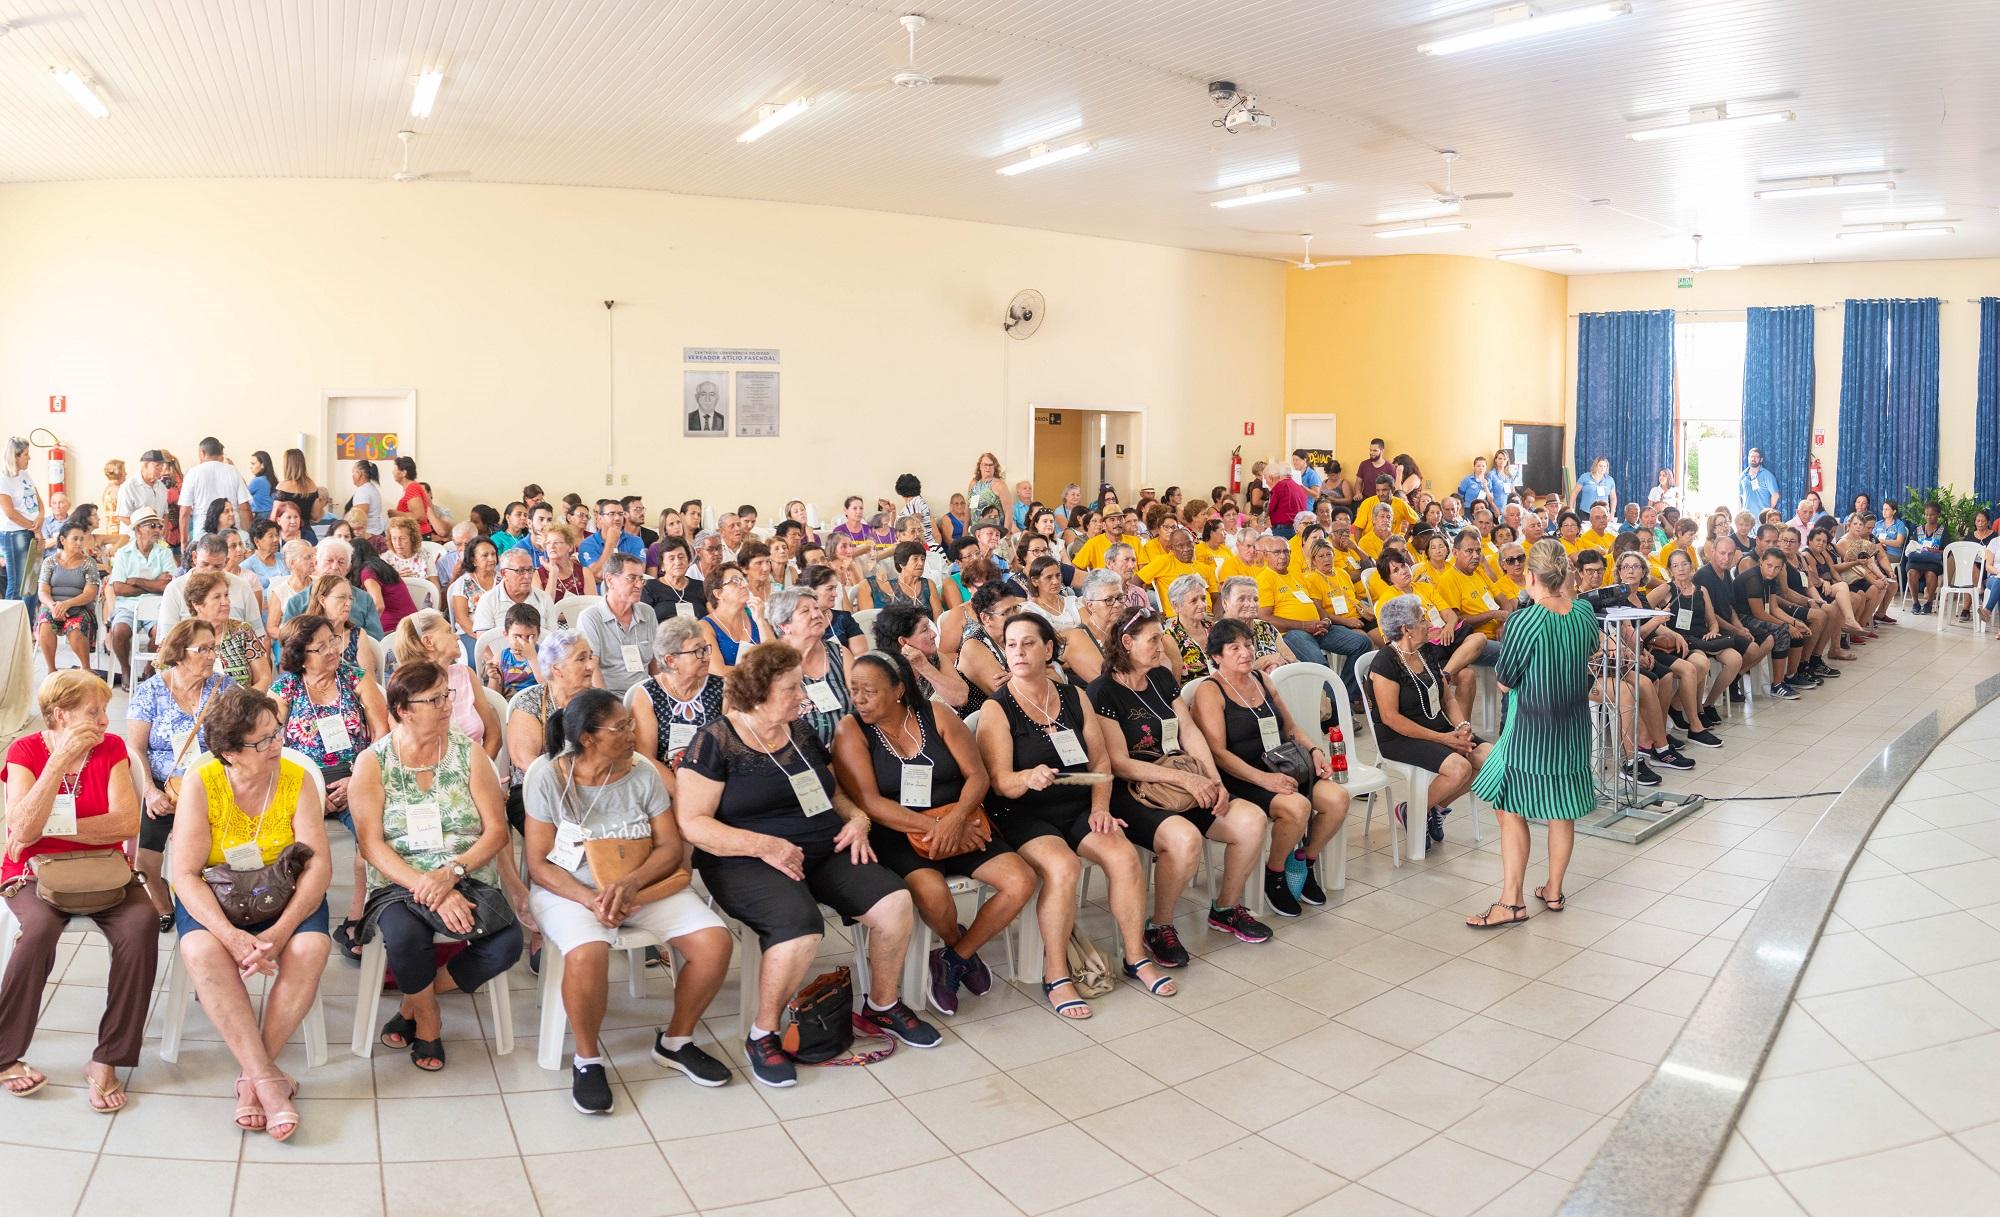 Regina Coelho em palestra na Primeira Conferência Intermunicipal dos Direitos da Pessoa Idosa. Foto: Luís Fernando da Silva / Prefeitura Municipal de Urupês